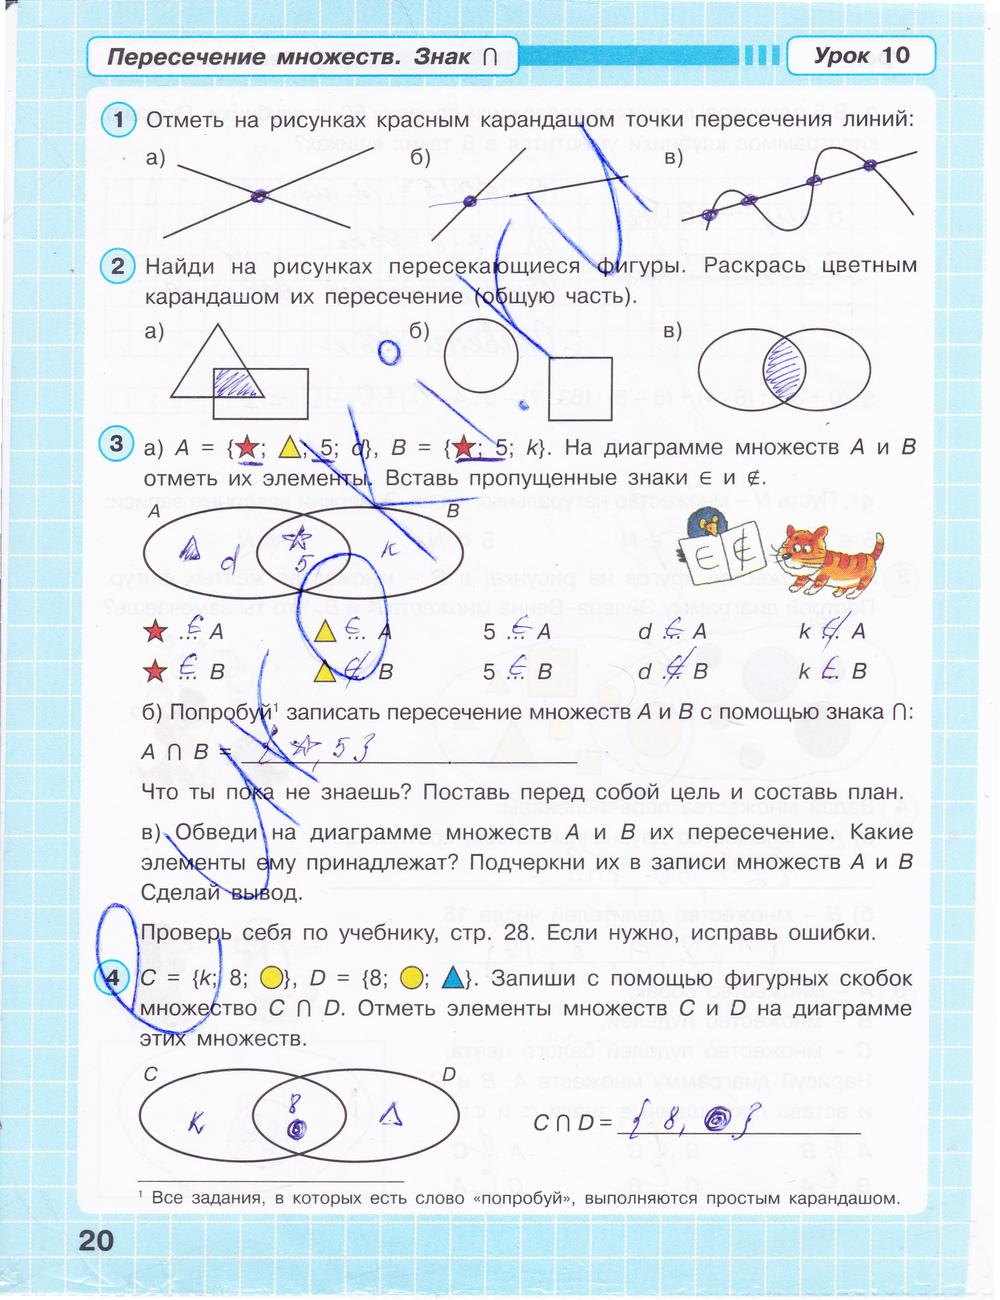 Решебник (гдз) по математике за 3 класс петерсон л. Г. Часть 1, 2, 3.